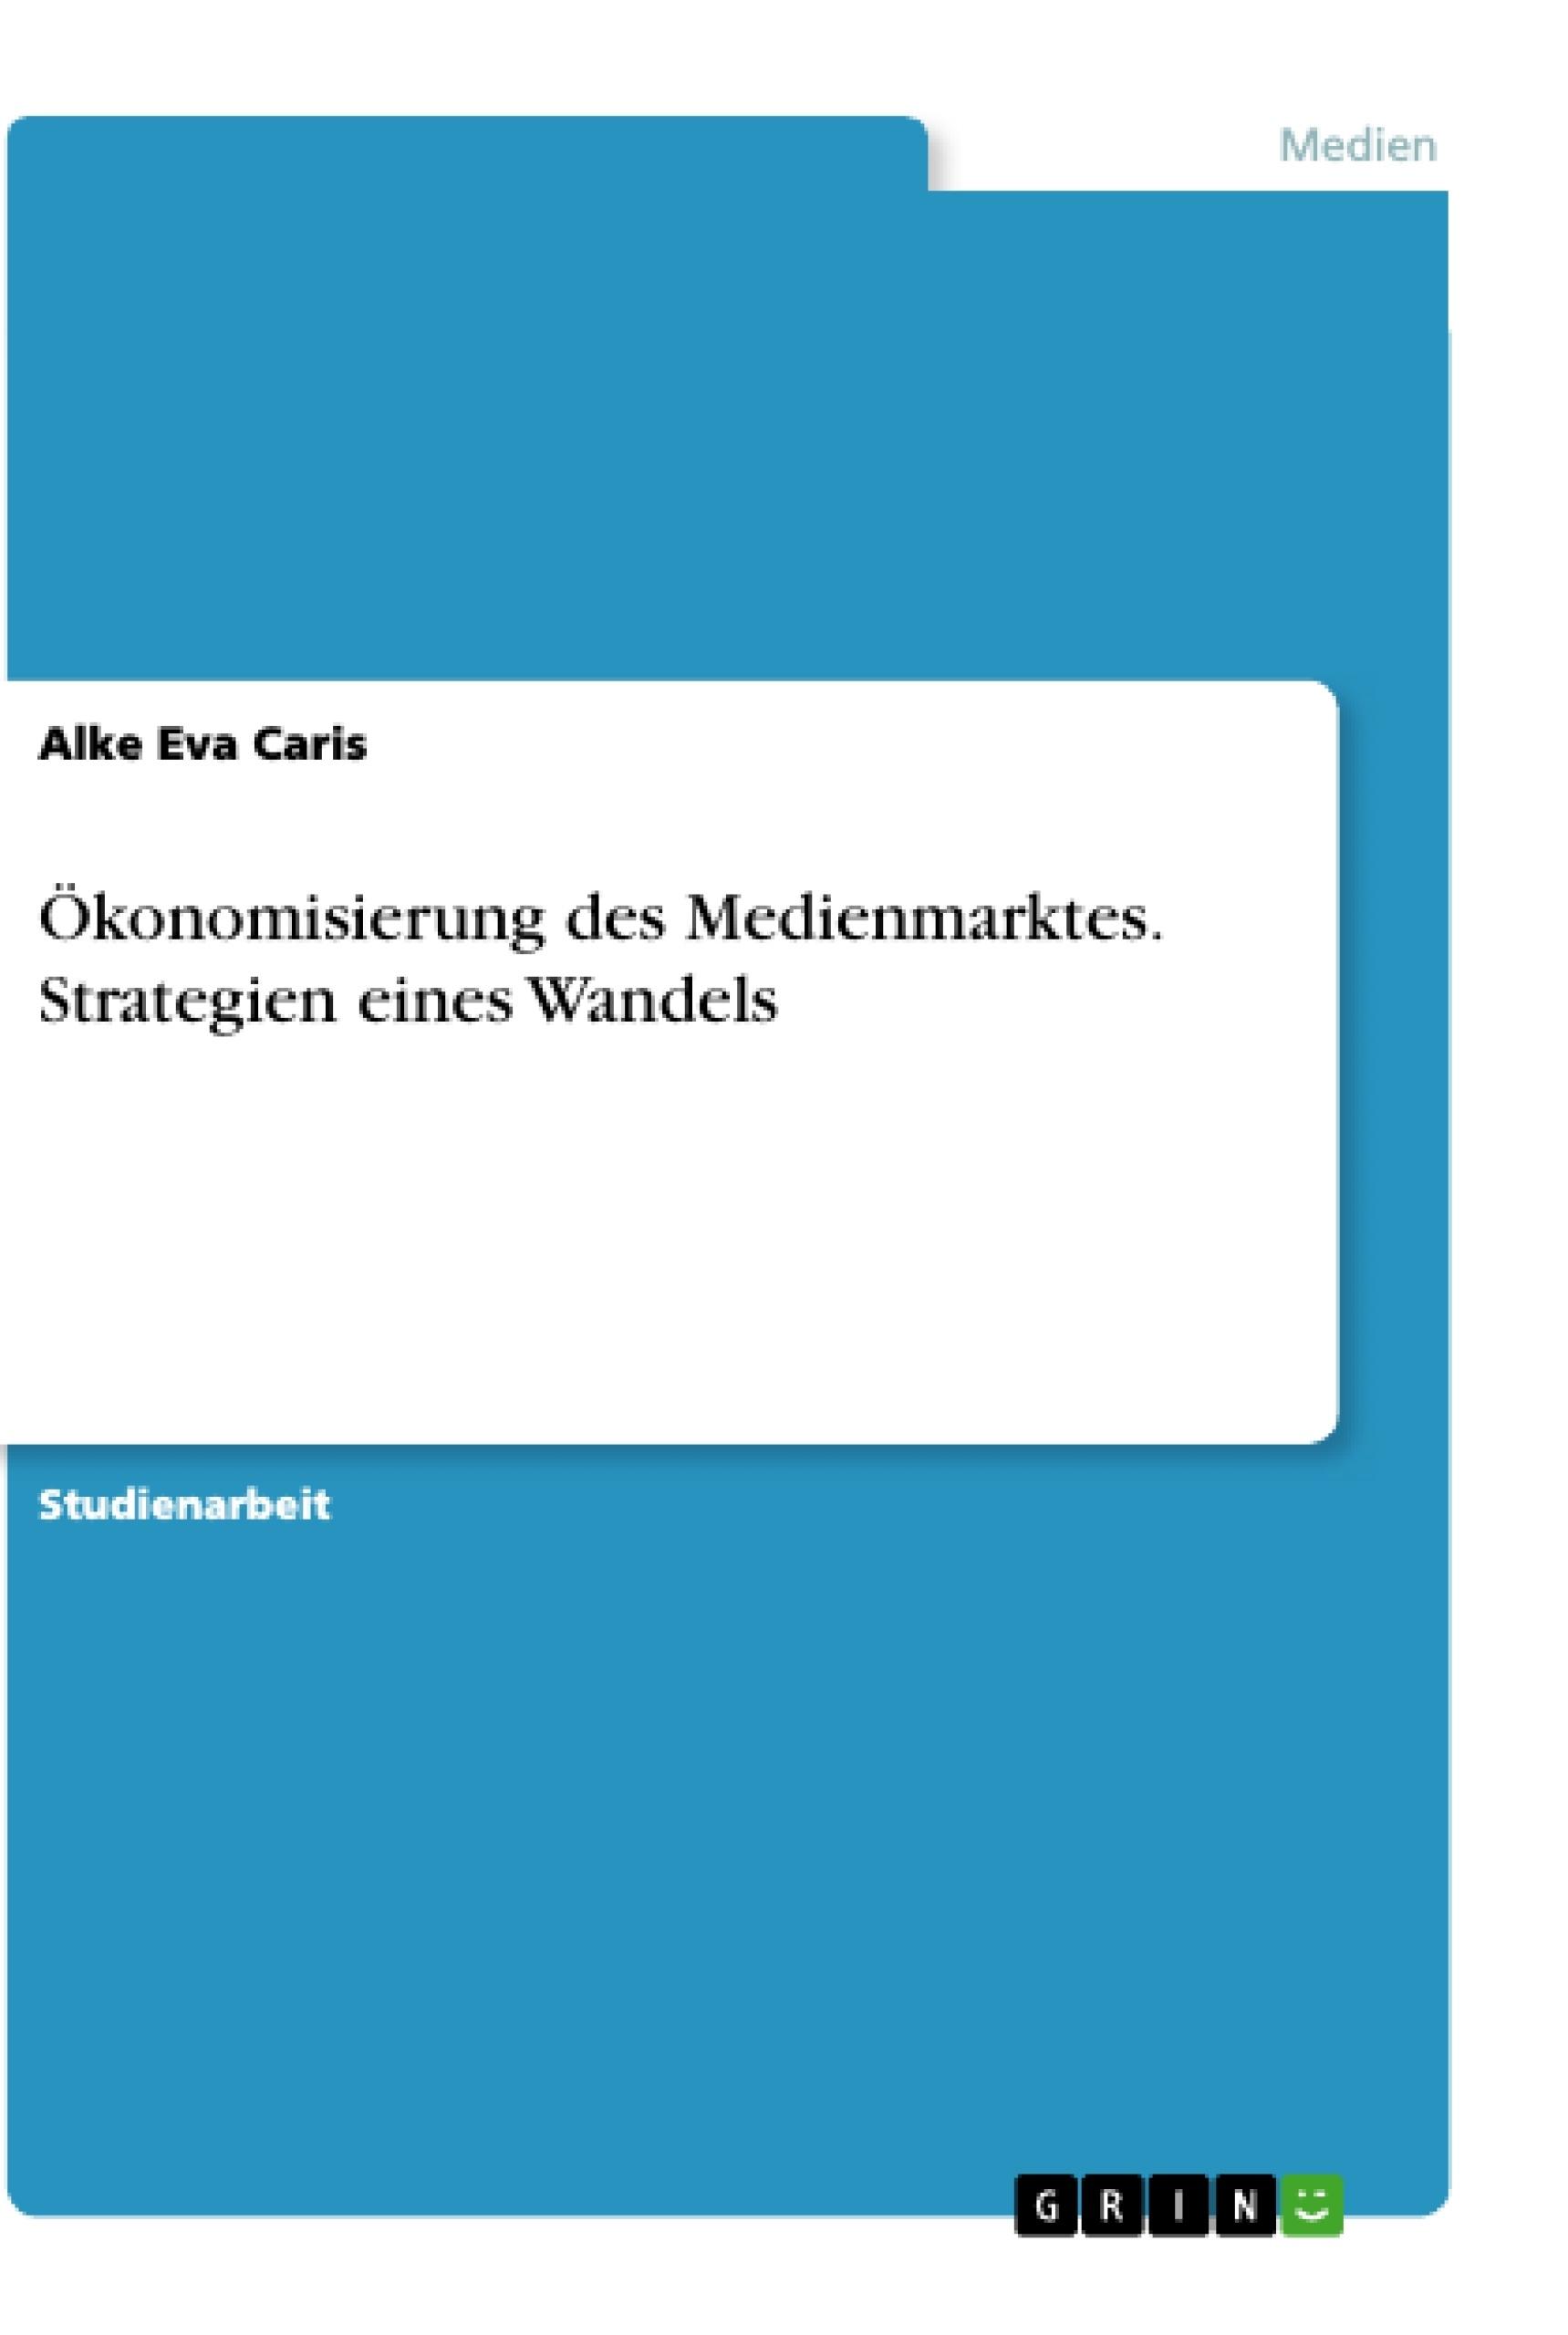 Titel: Ökonomisierung des Medienmarktes. Strategien eines Wandels